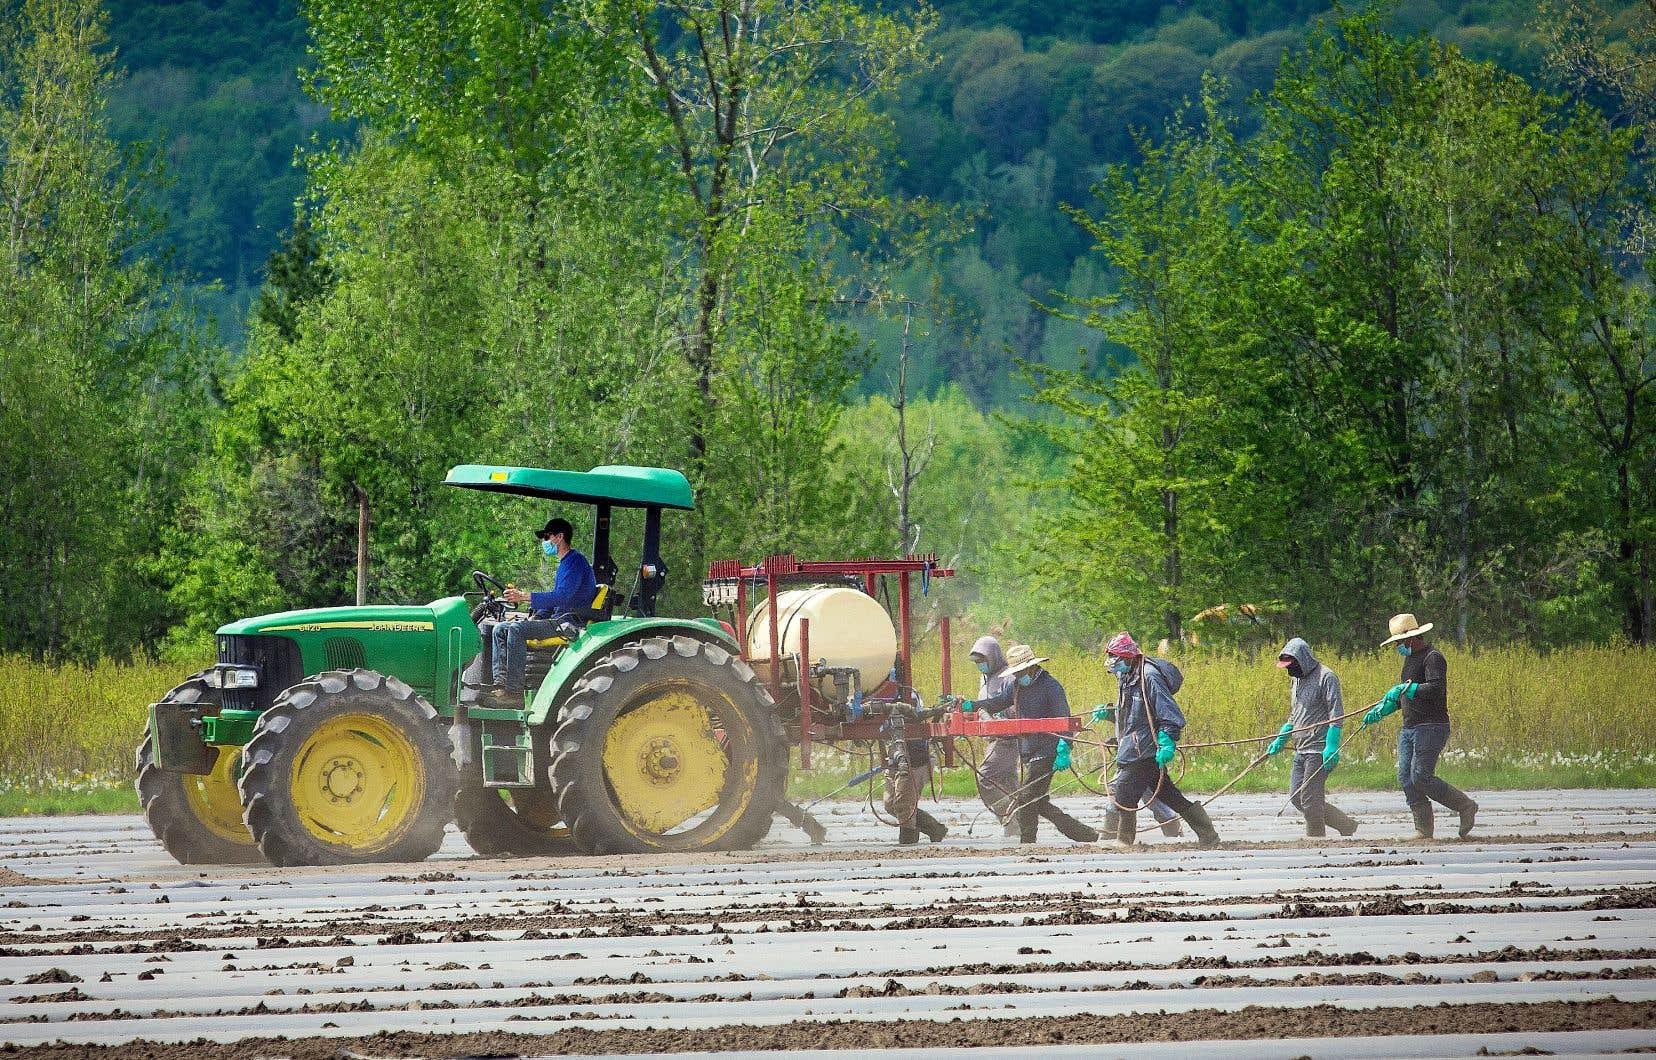 Le tiers des 675 travailleurs sondés par le Réseau d'aide aux travailleuses et travailleurs migrants agricoles du Québec ont évalué que leur logement avait des problèmes de salubrité.